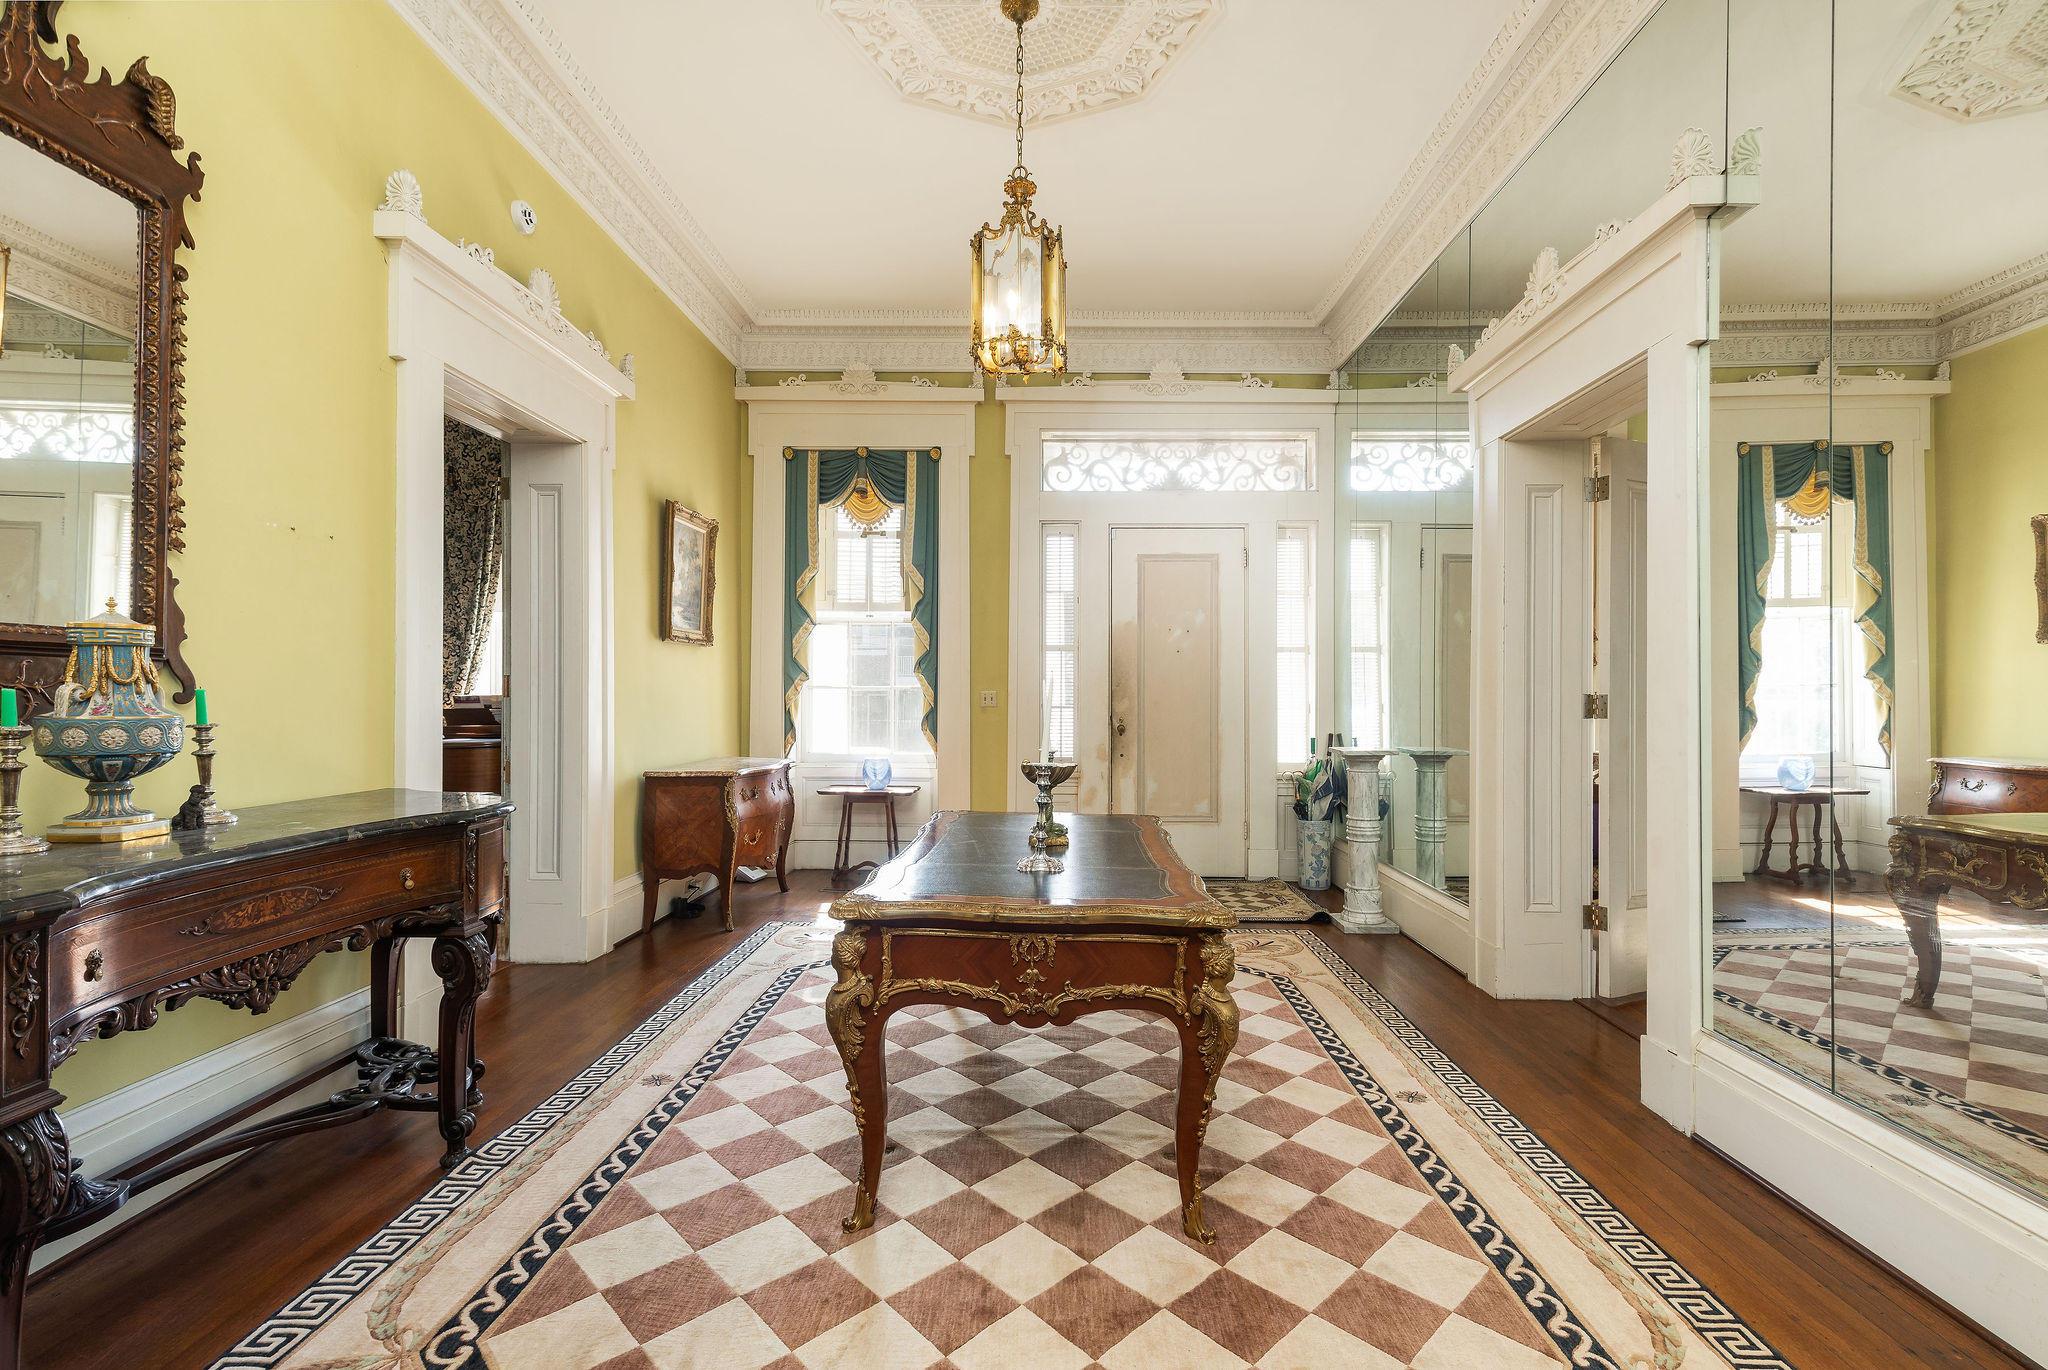 Harleston Village Homes For Sale - 138 & 140 Wentworth, Charleston, SC - 44